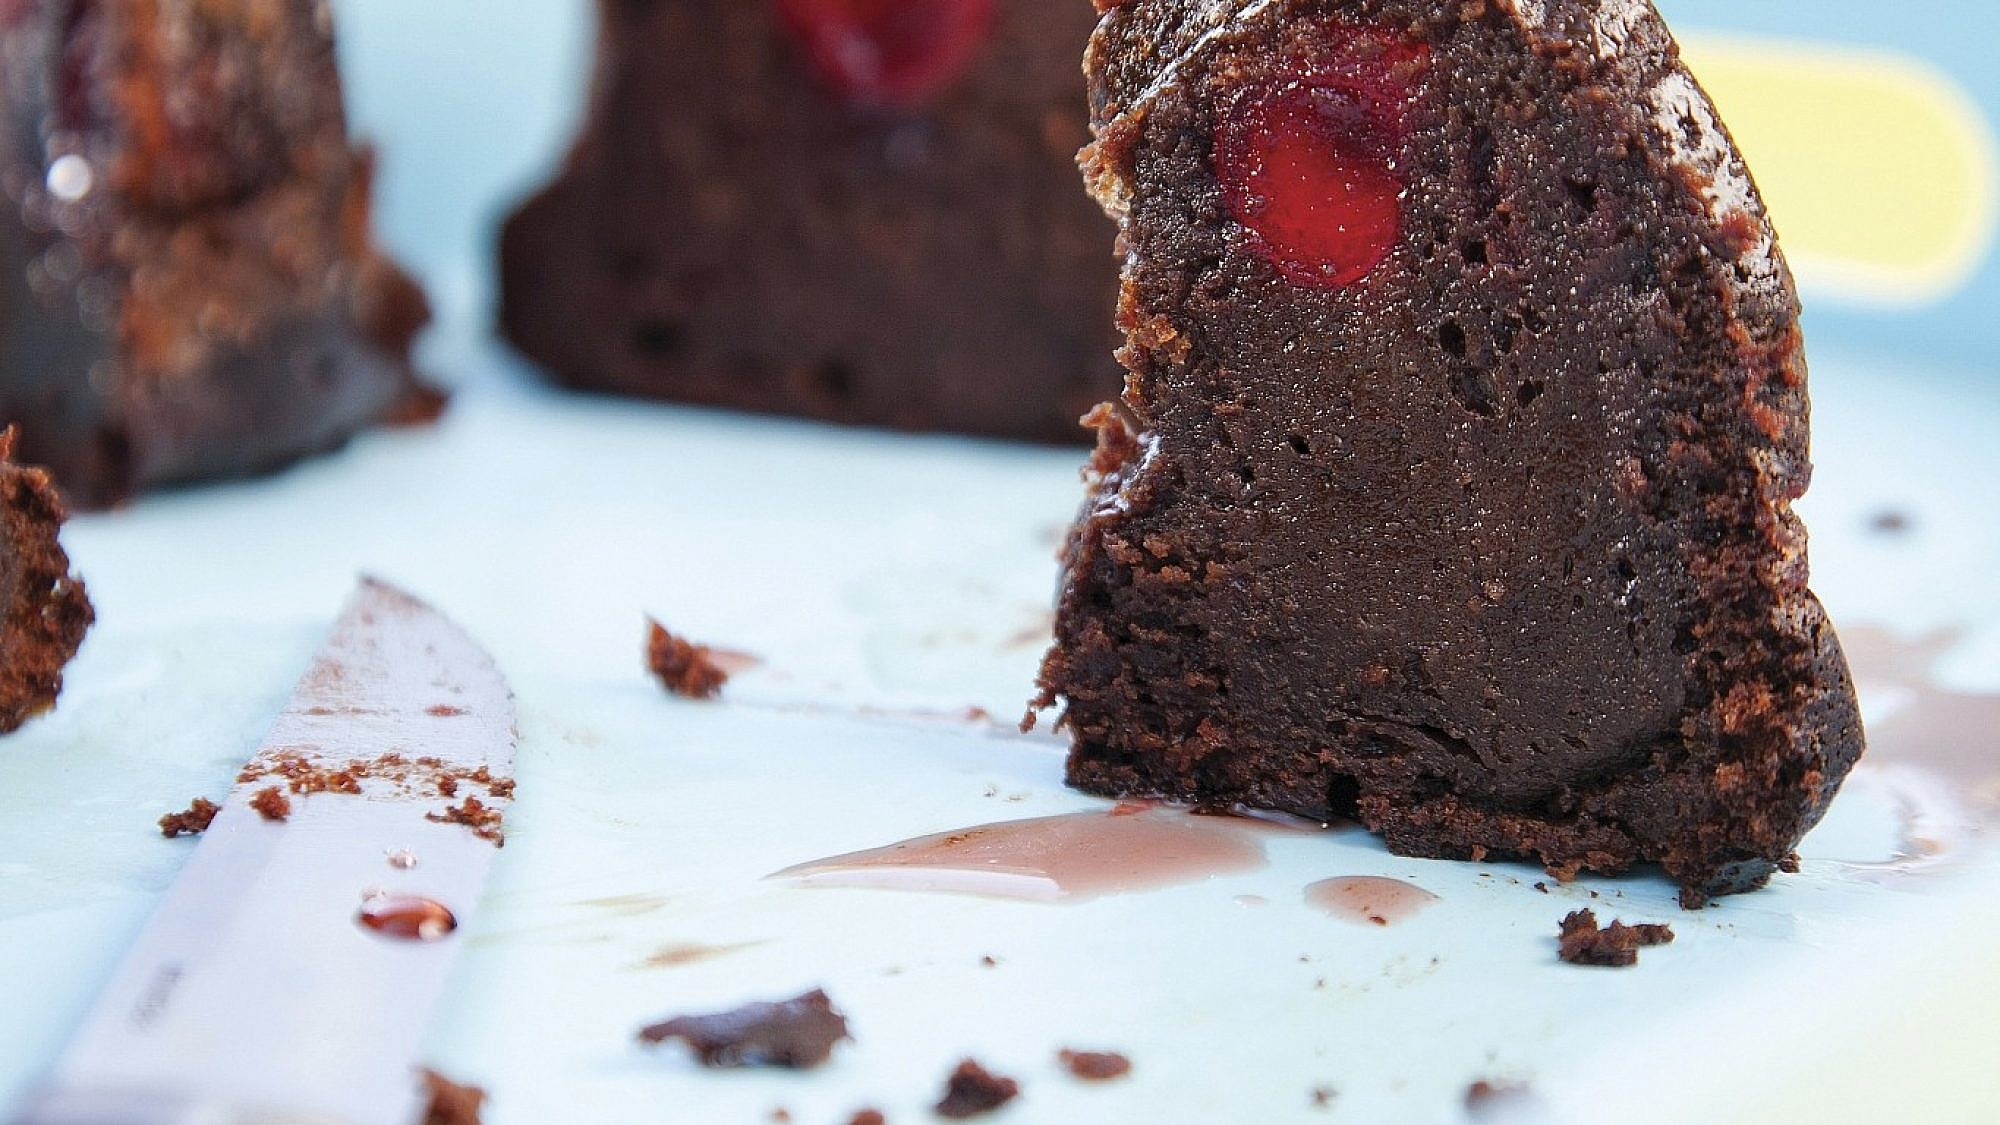 עוגת שוקולד עם דובדבנים משומרים של אלרן גולדשטיין. צילום: דניאל לילה. סטיילינג: טליה אסיף